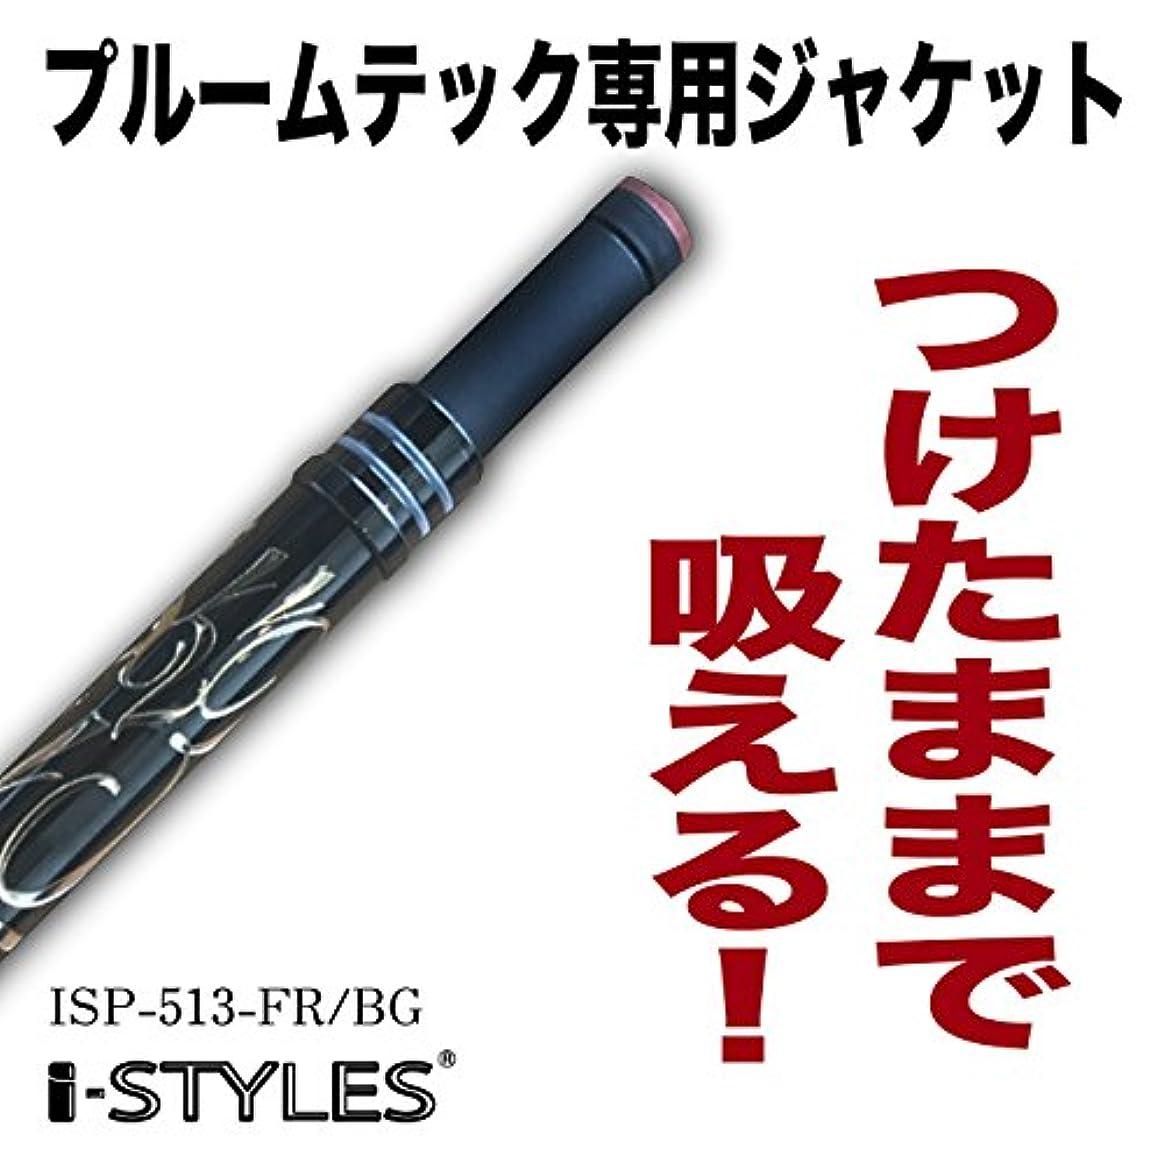 取り扱い味シャーロットブロンテプルームテック ケース 電子タバコ (i-STYLES) ISP-513-FR/BG